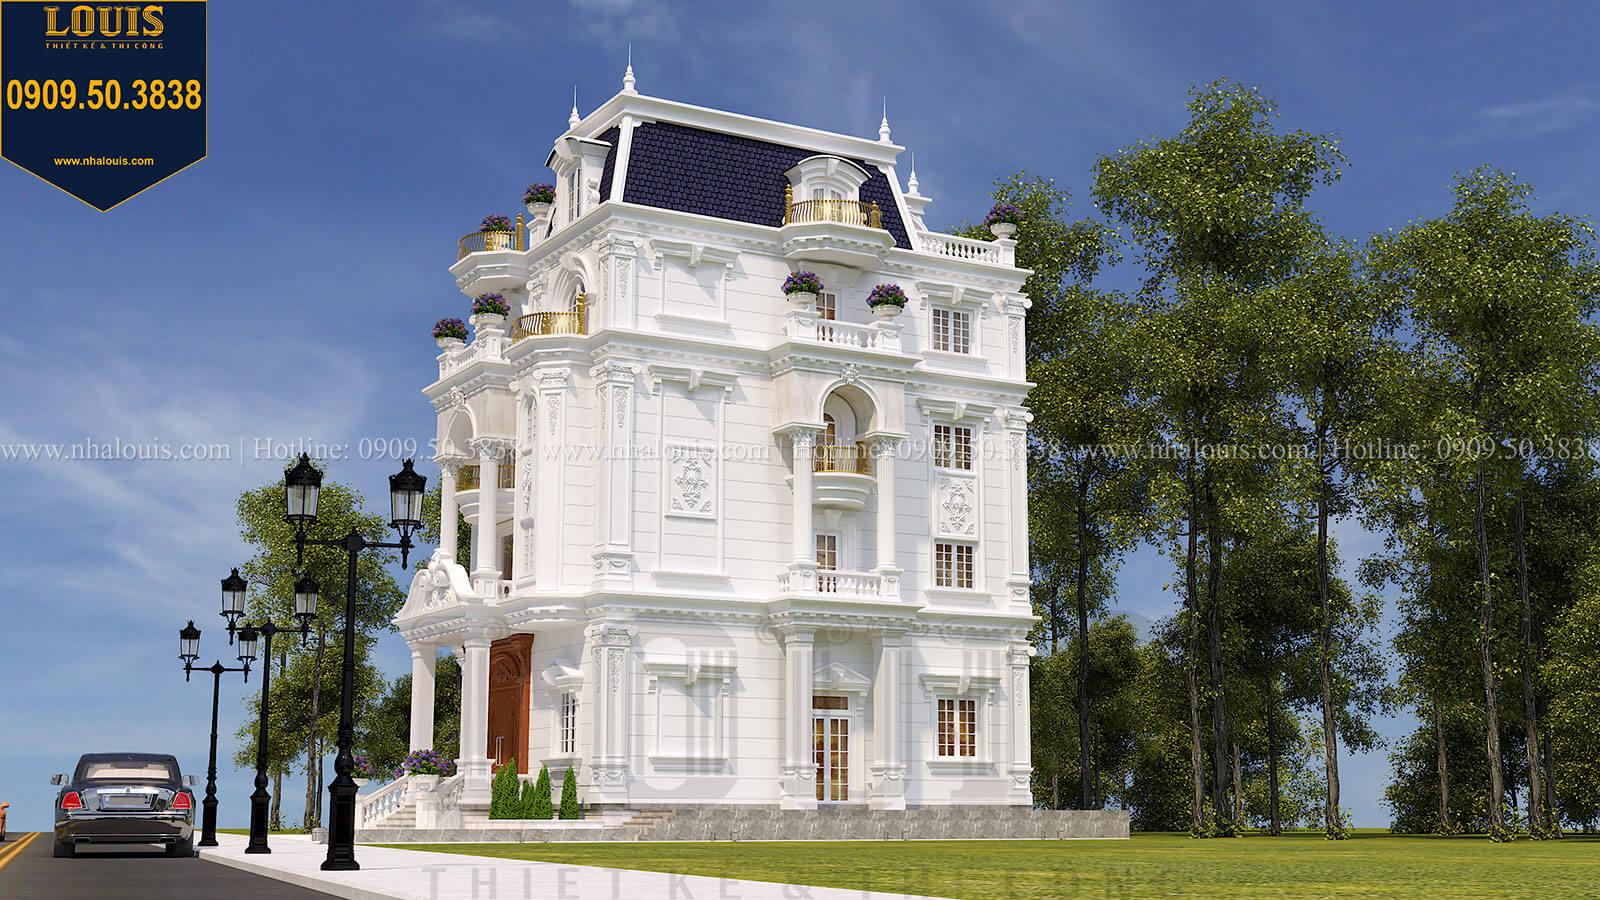 Mặt tiền Biệt thự Châu Âu cổ điển chuẩn sang chảnh tại Nhà Bè - 08